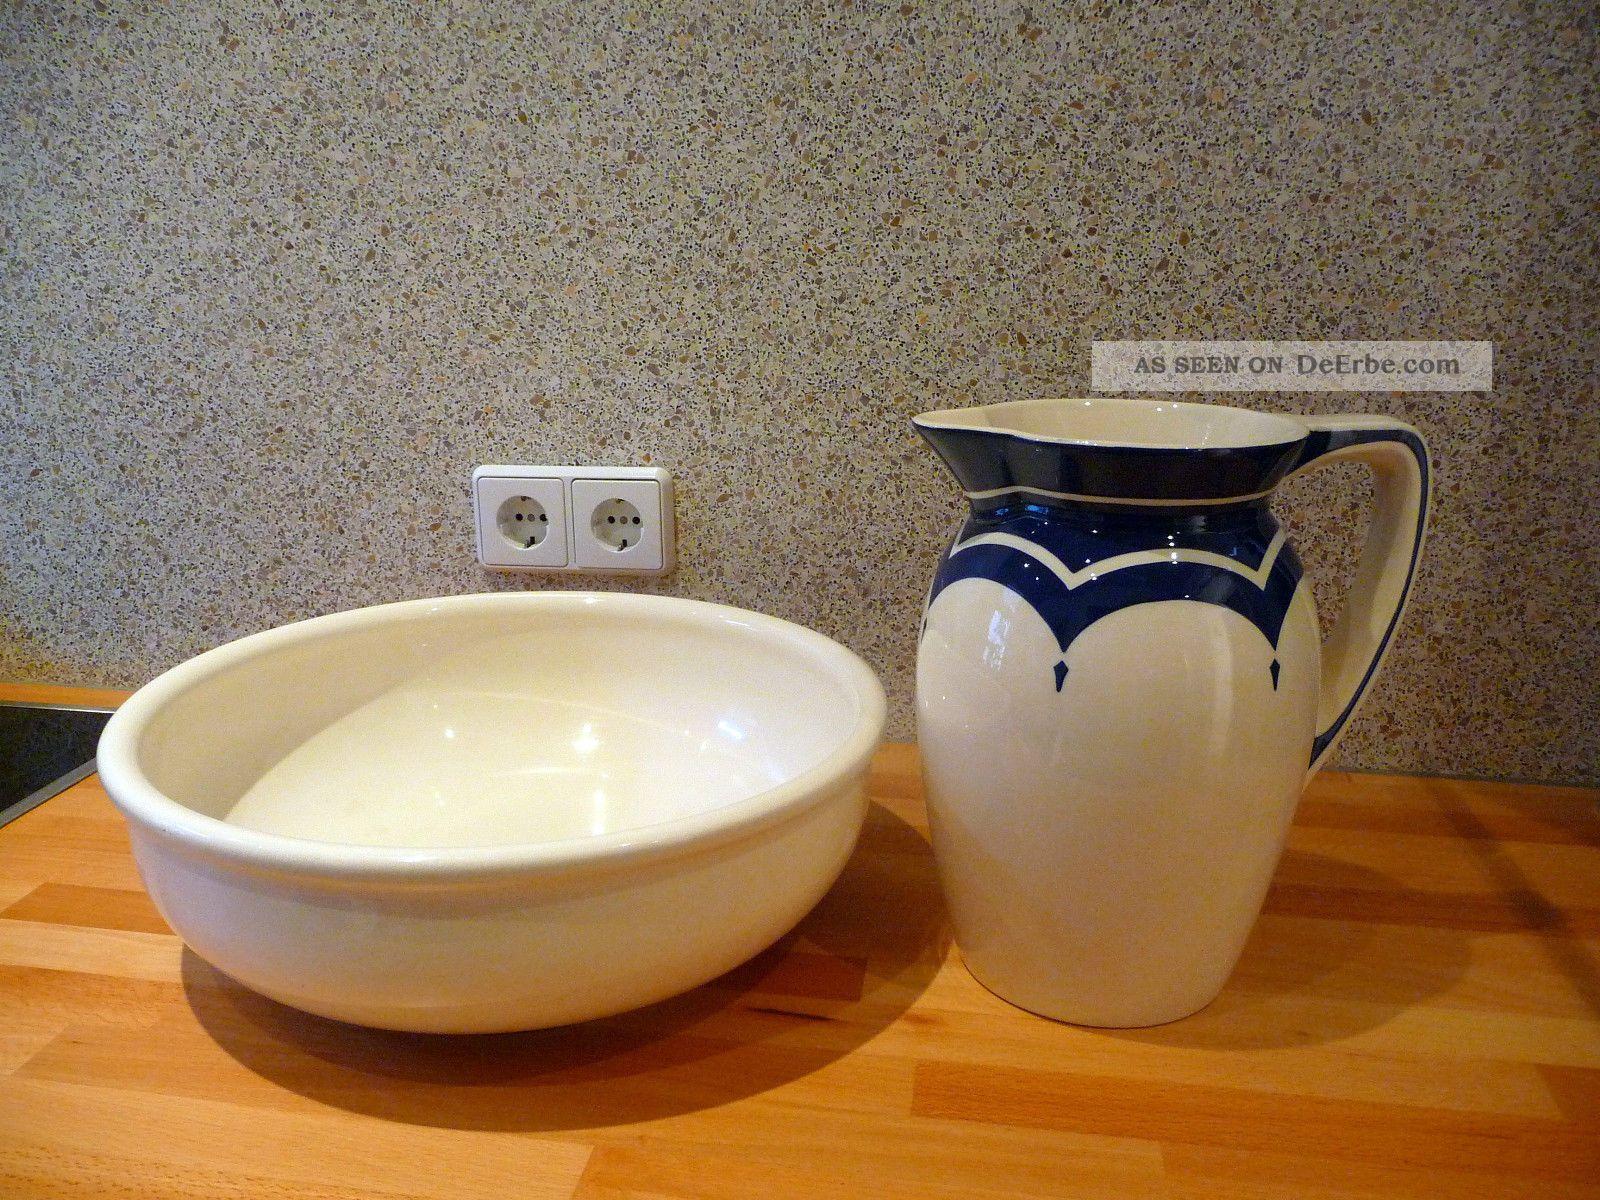 villeroy__boch_dresden_6730_waschschssel__krug_shabby_vintage_style_1_lgw Luxus Villeroy Und Boch Keramik Dekorationen